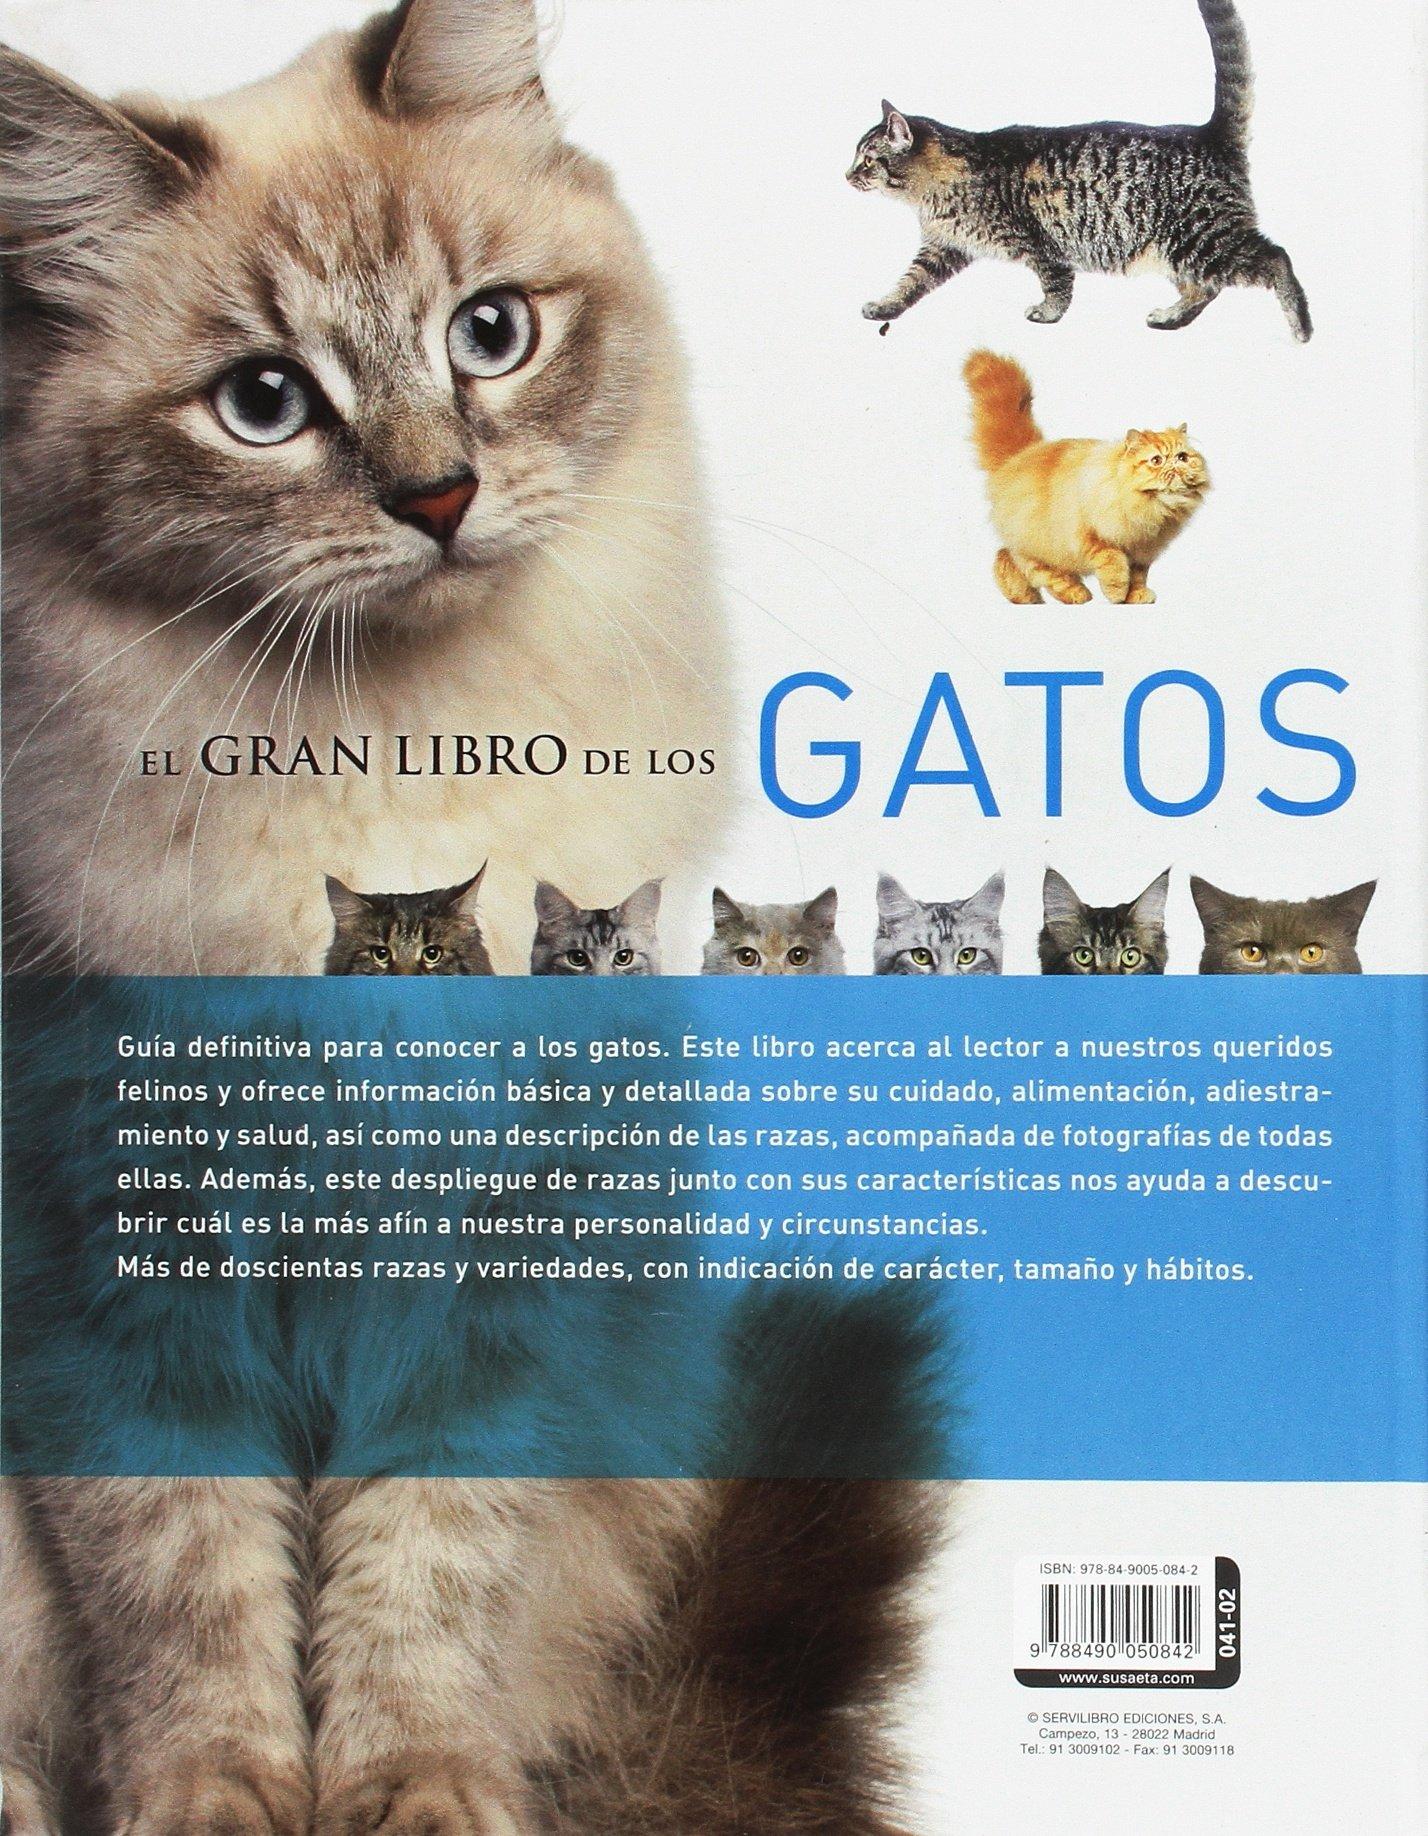 EL GRAN LIBRO DE LOS GATOS. CUIDADO/COMPORT./SALUD/RAZAS: SERVILIBRO EDICIONES S.A.: 9788490050842: Amazon.com: Books